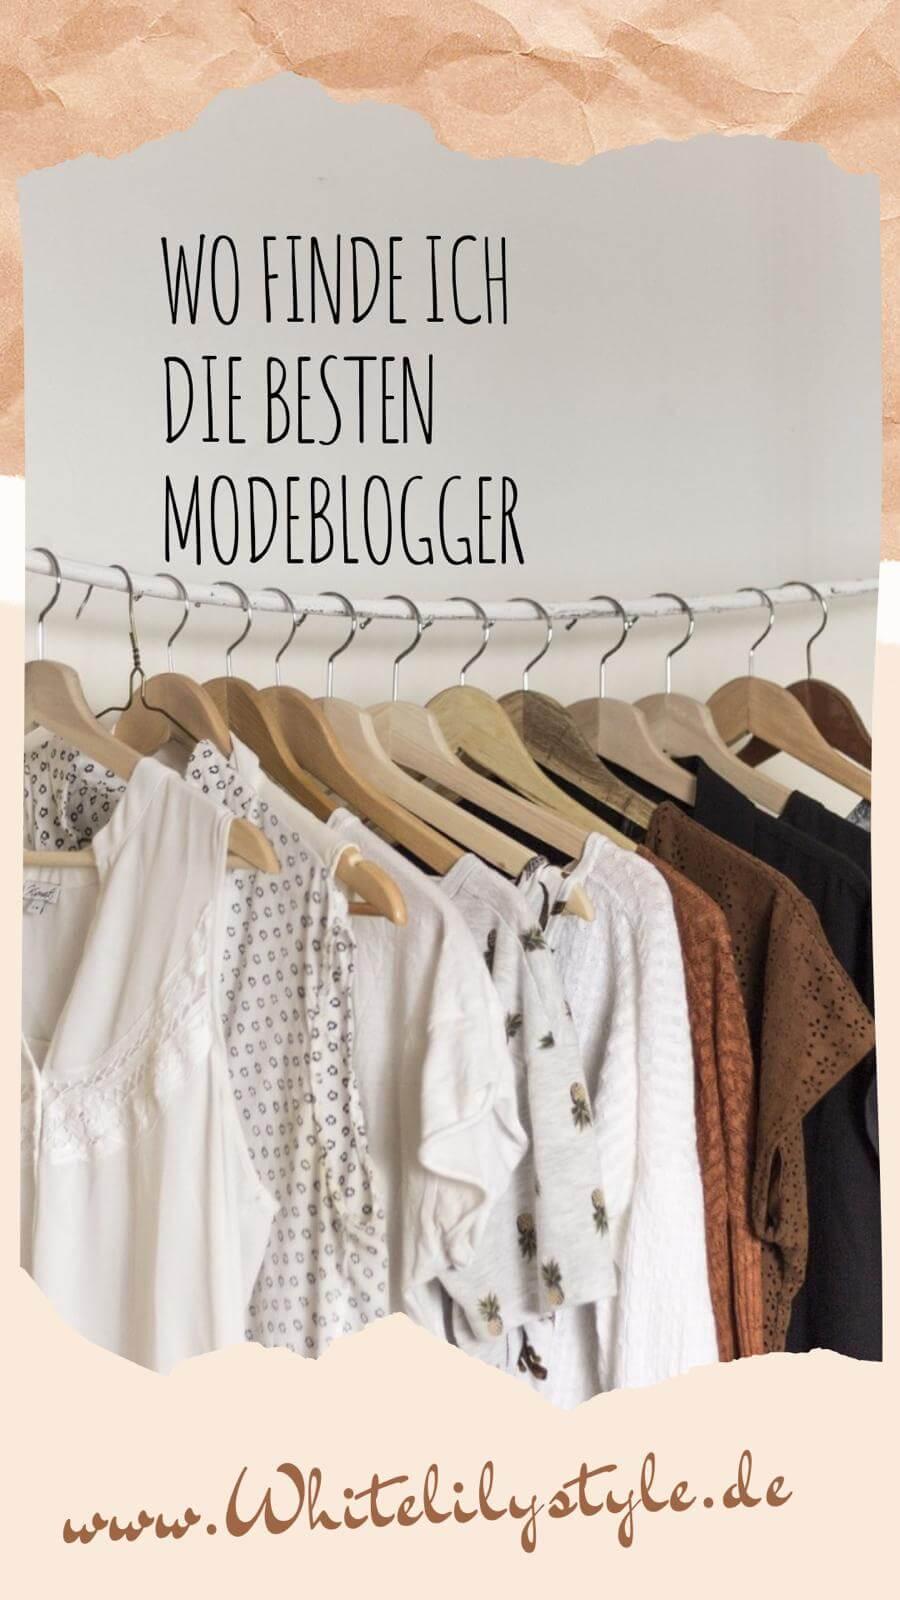 Modeblog Whitelilystyle und wo man Modeblogger findet